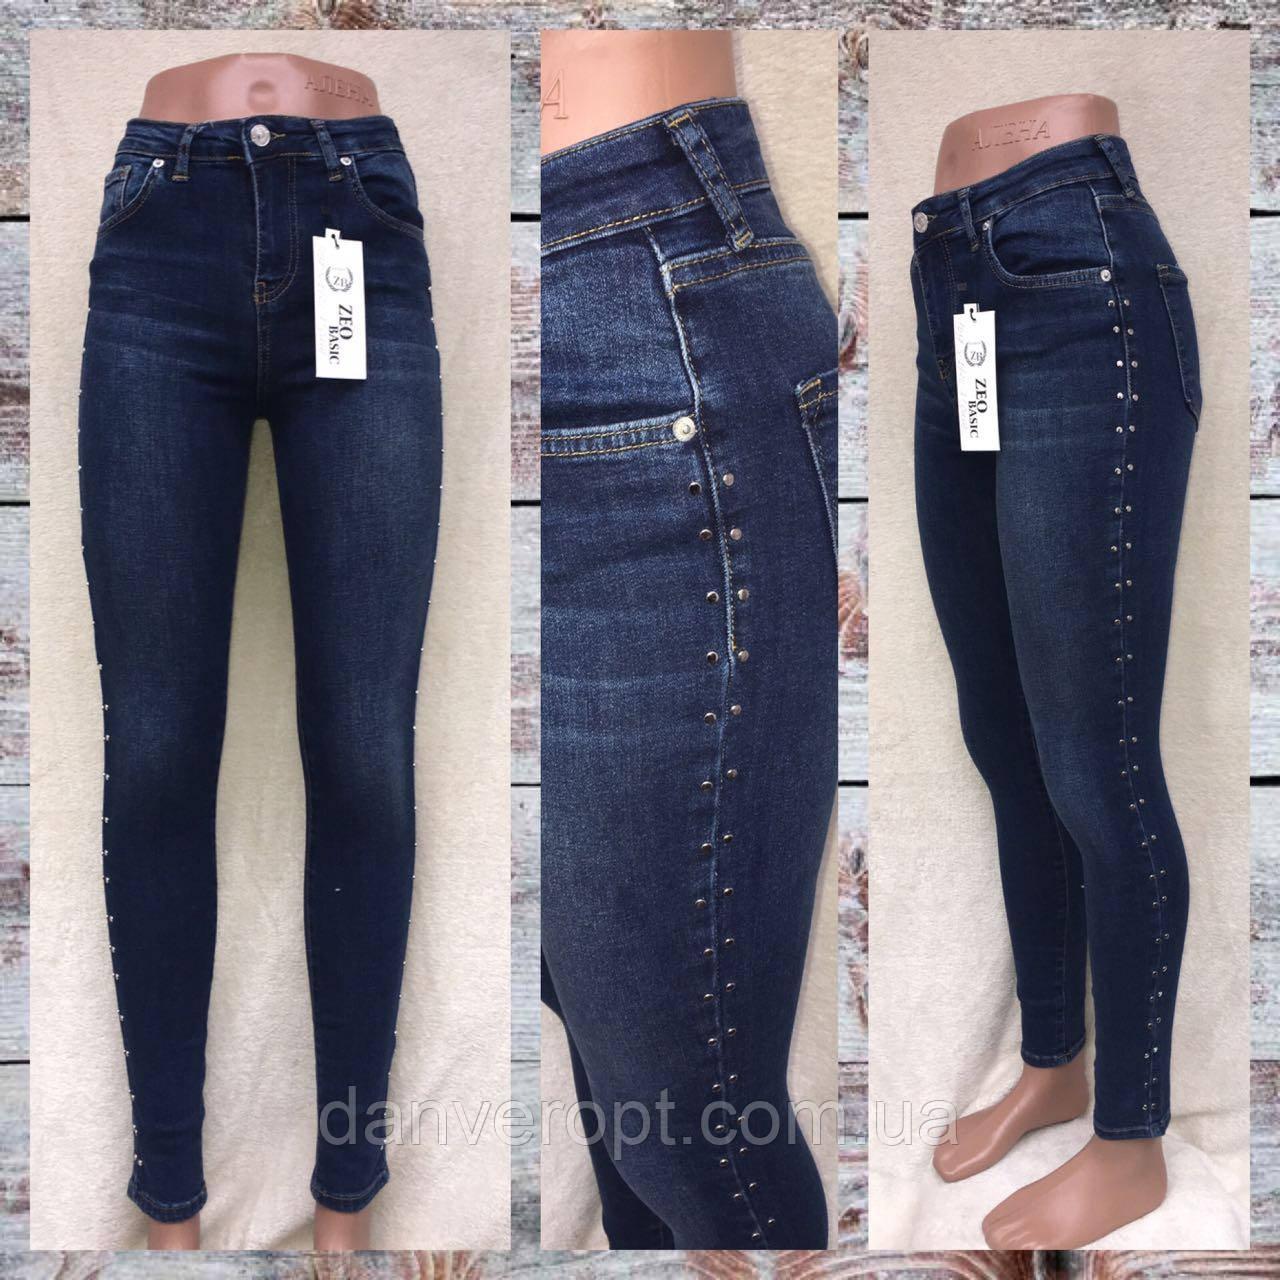 48dc1338fd0 Джинсы Американки женские стильные модные с клепками размер 26-31 ...